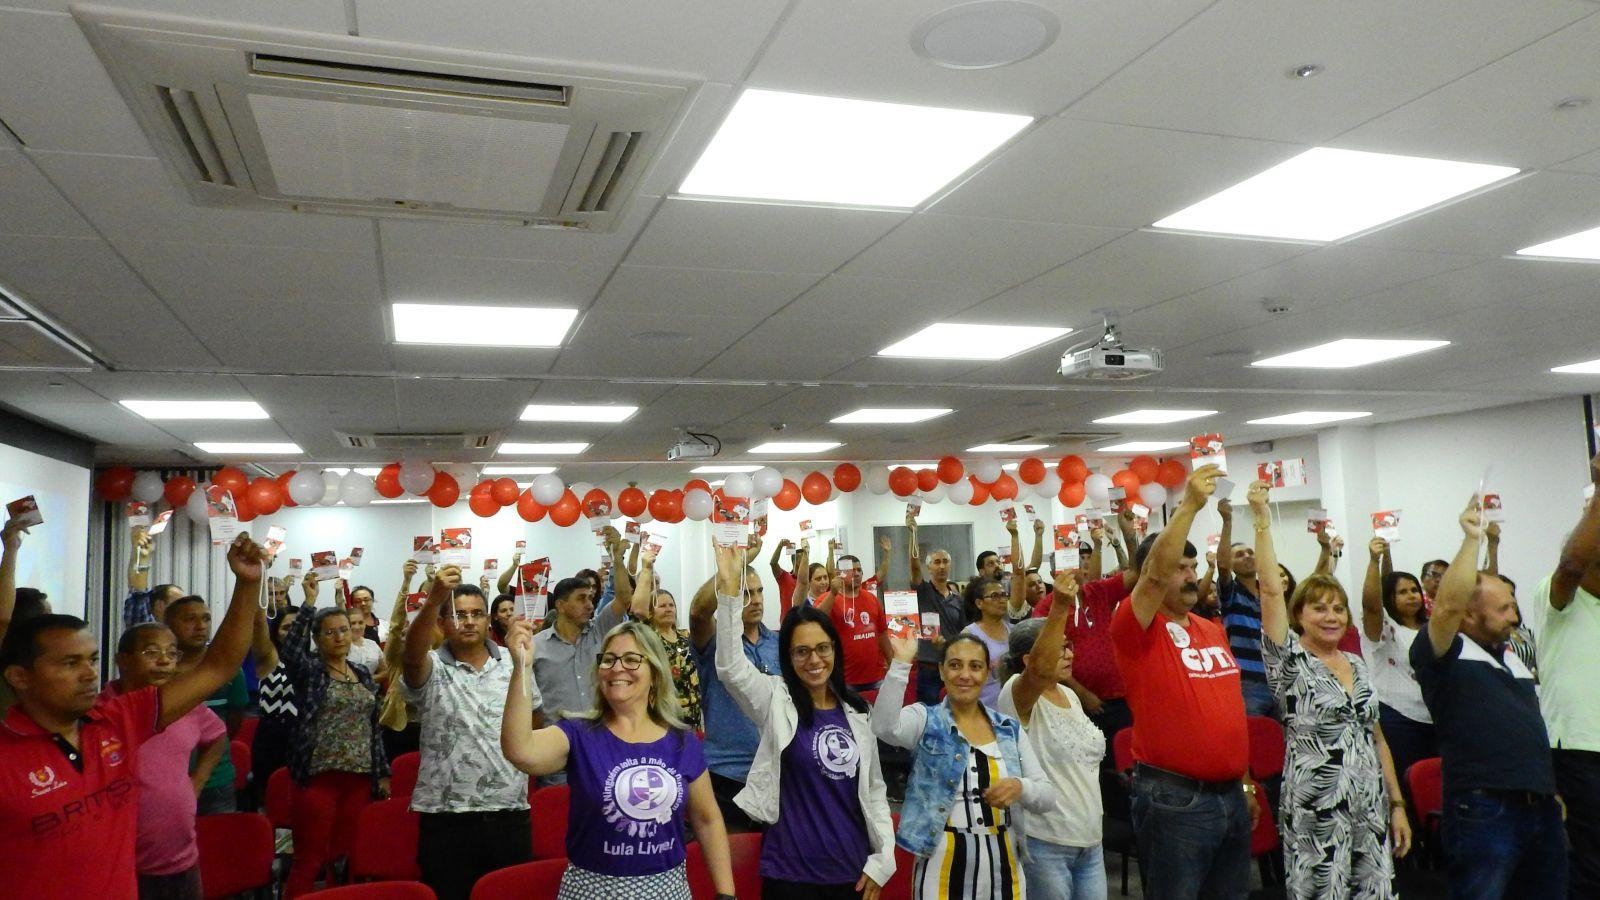 Delegados e delegadas definem pontos estratégicos da luta do ramo vestuário da CUT nos próximos 4 anos